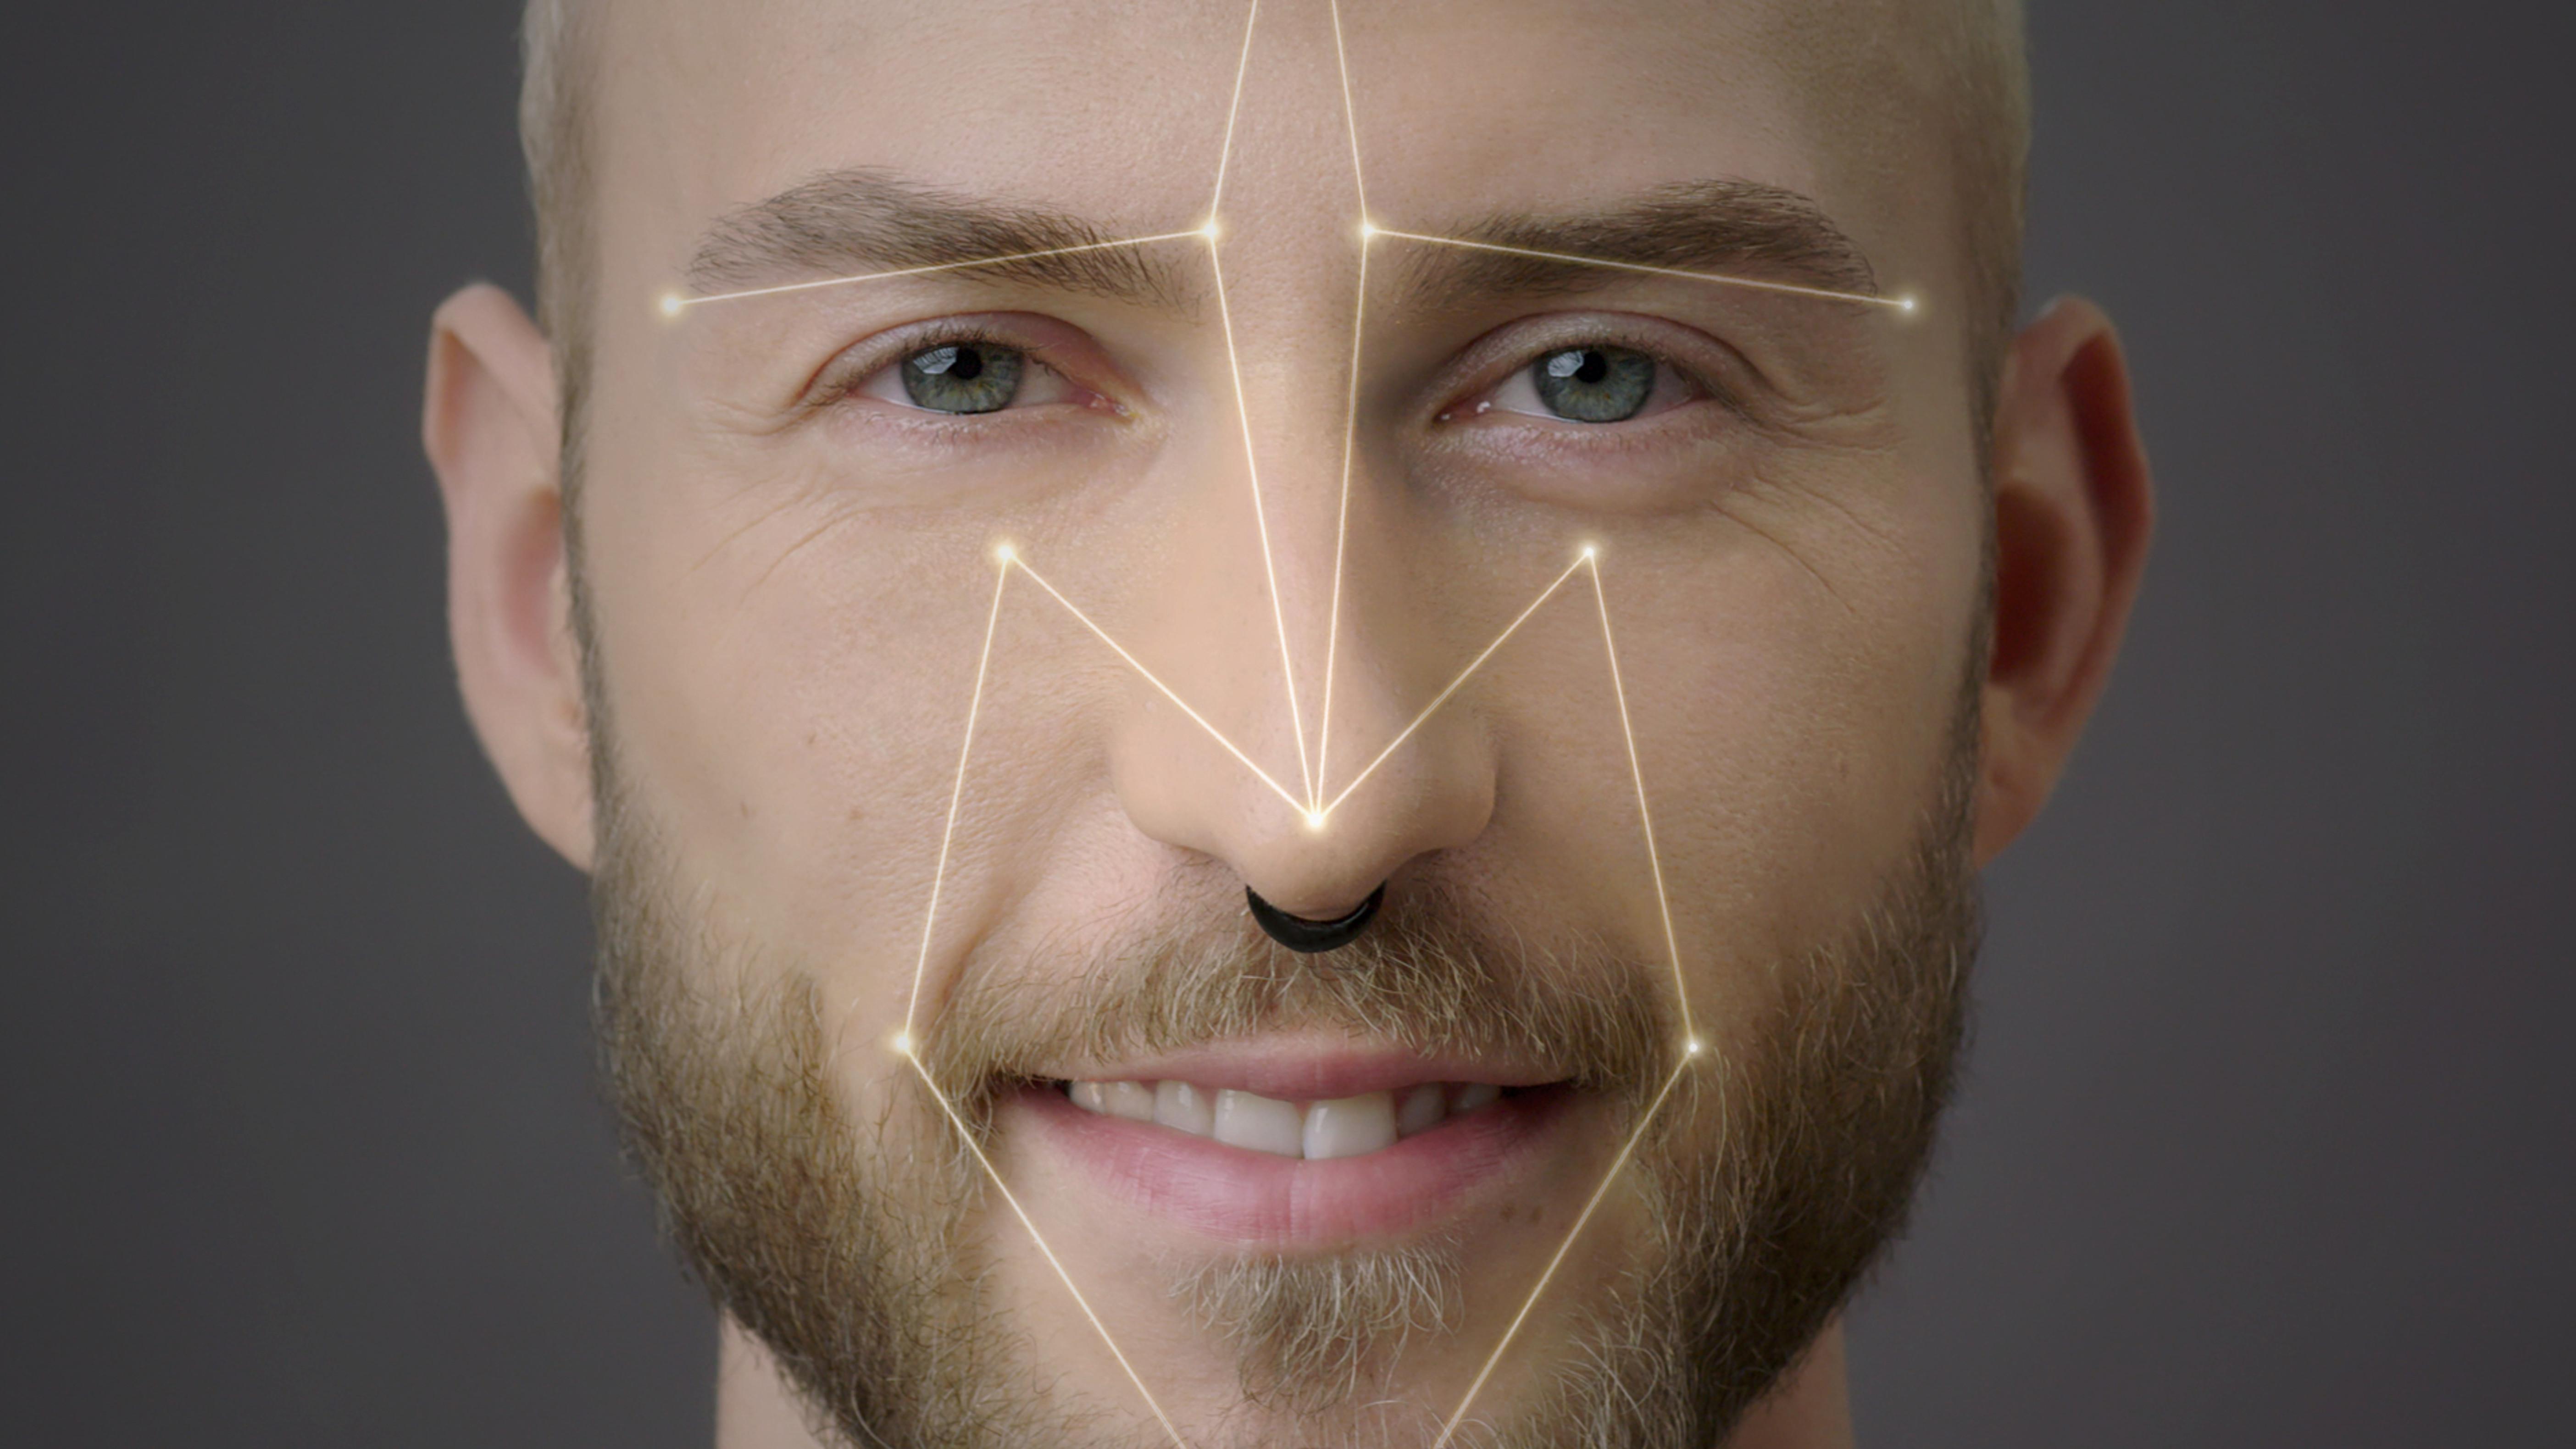 Gesichtserkennung / Facial Recognition 2D